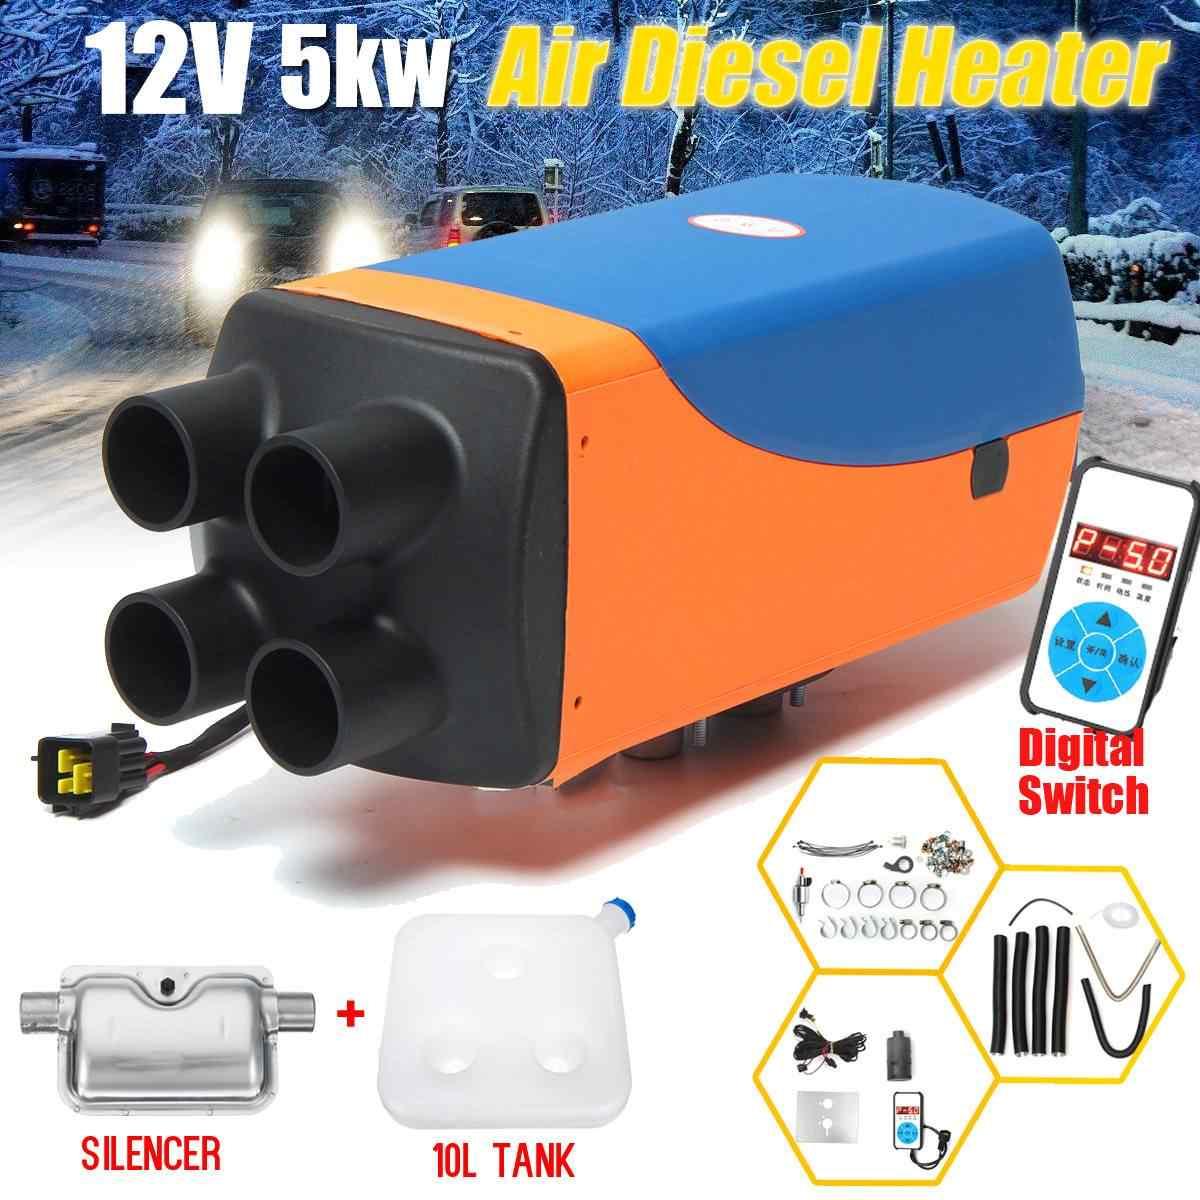 12 В автомобильный обогреватель 5KW 4 отверстия цифровой переключатель  воздуха Дизели парковка нагреватель 10L бак + 61ecc53ad8898